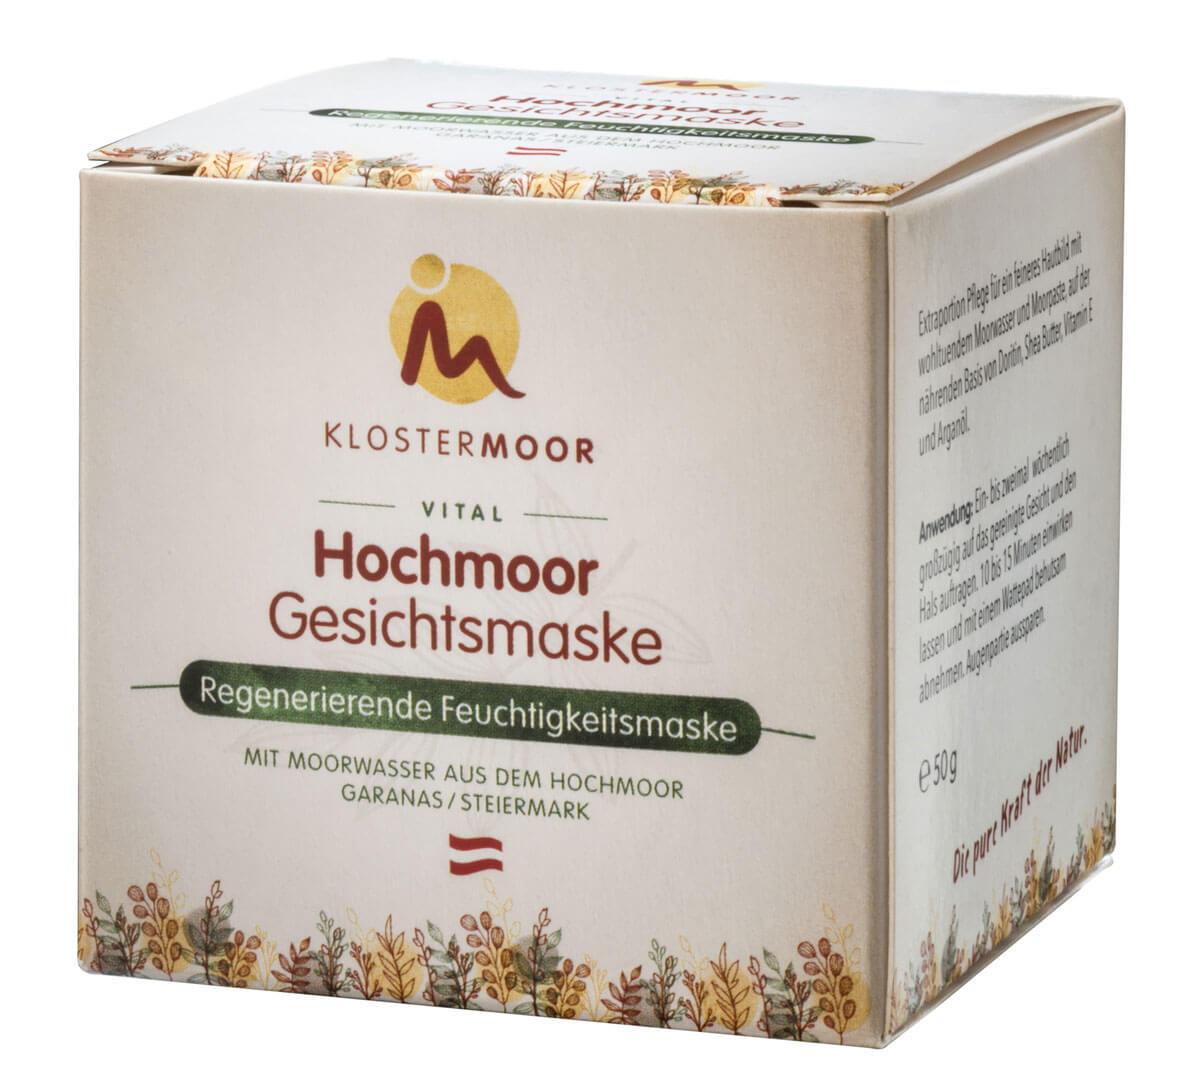 1 Karton der Hochmoor Gesichtsmaske für regenerierende Feuchtigkeitspflege